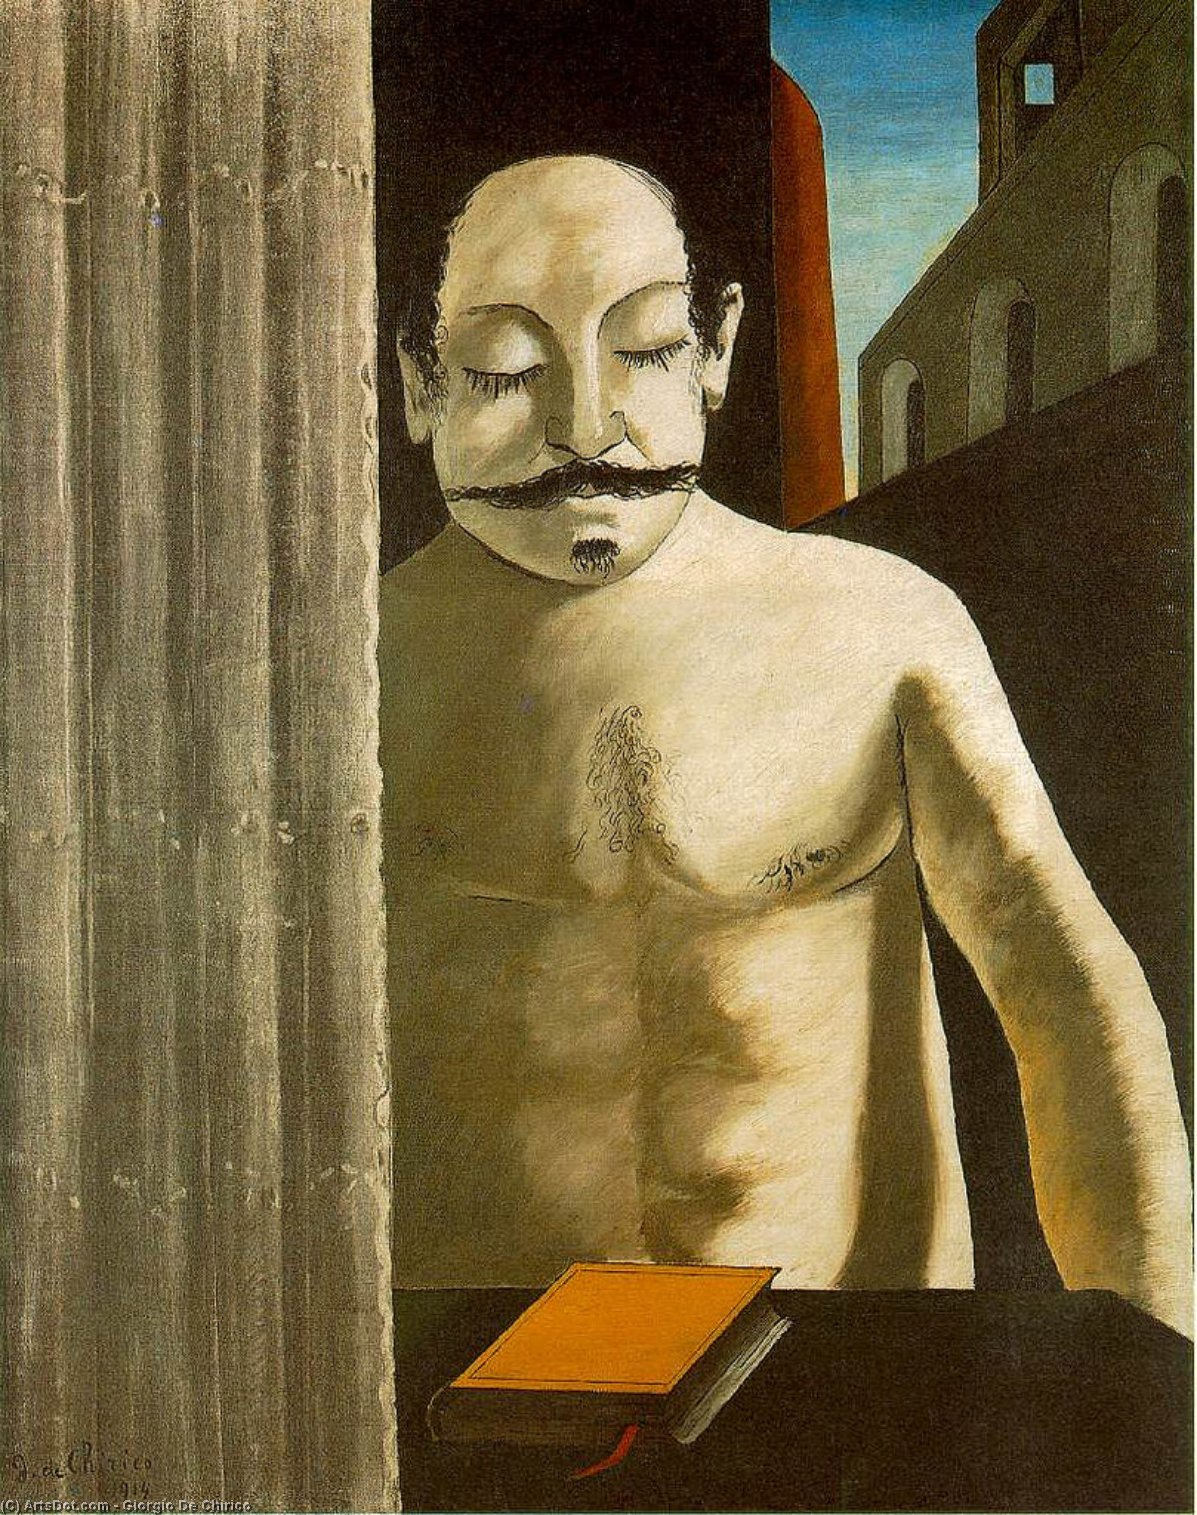 Wikioo.org - Die Enzyklopädie bildender Kunst - Malerei, Kunstwerk von Giorgio De Chirico - Das Gehirn des Kindes